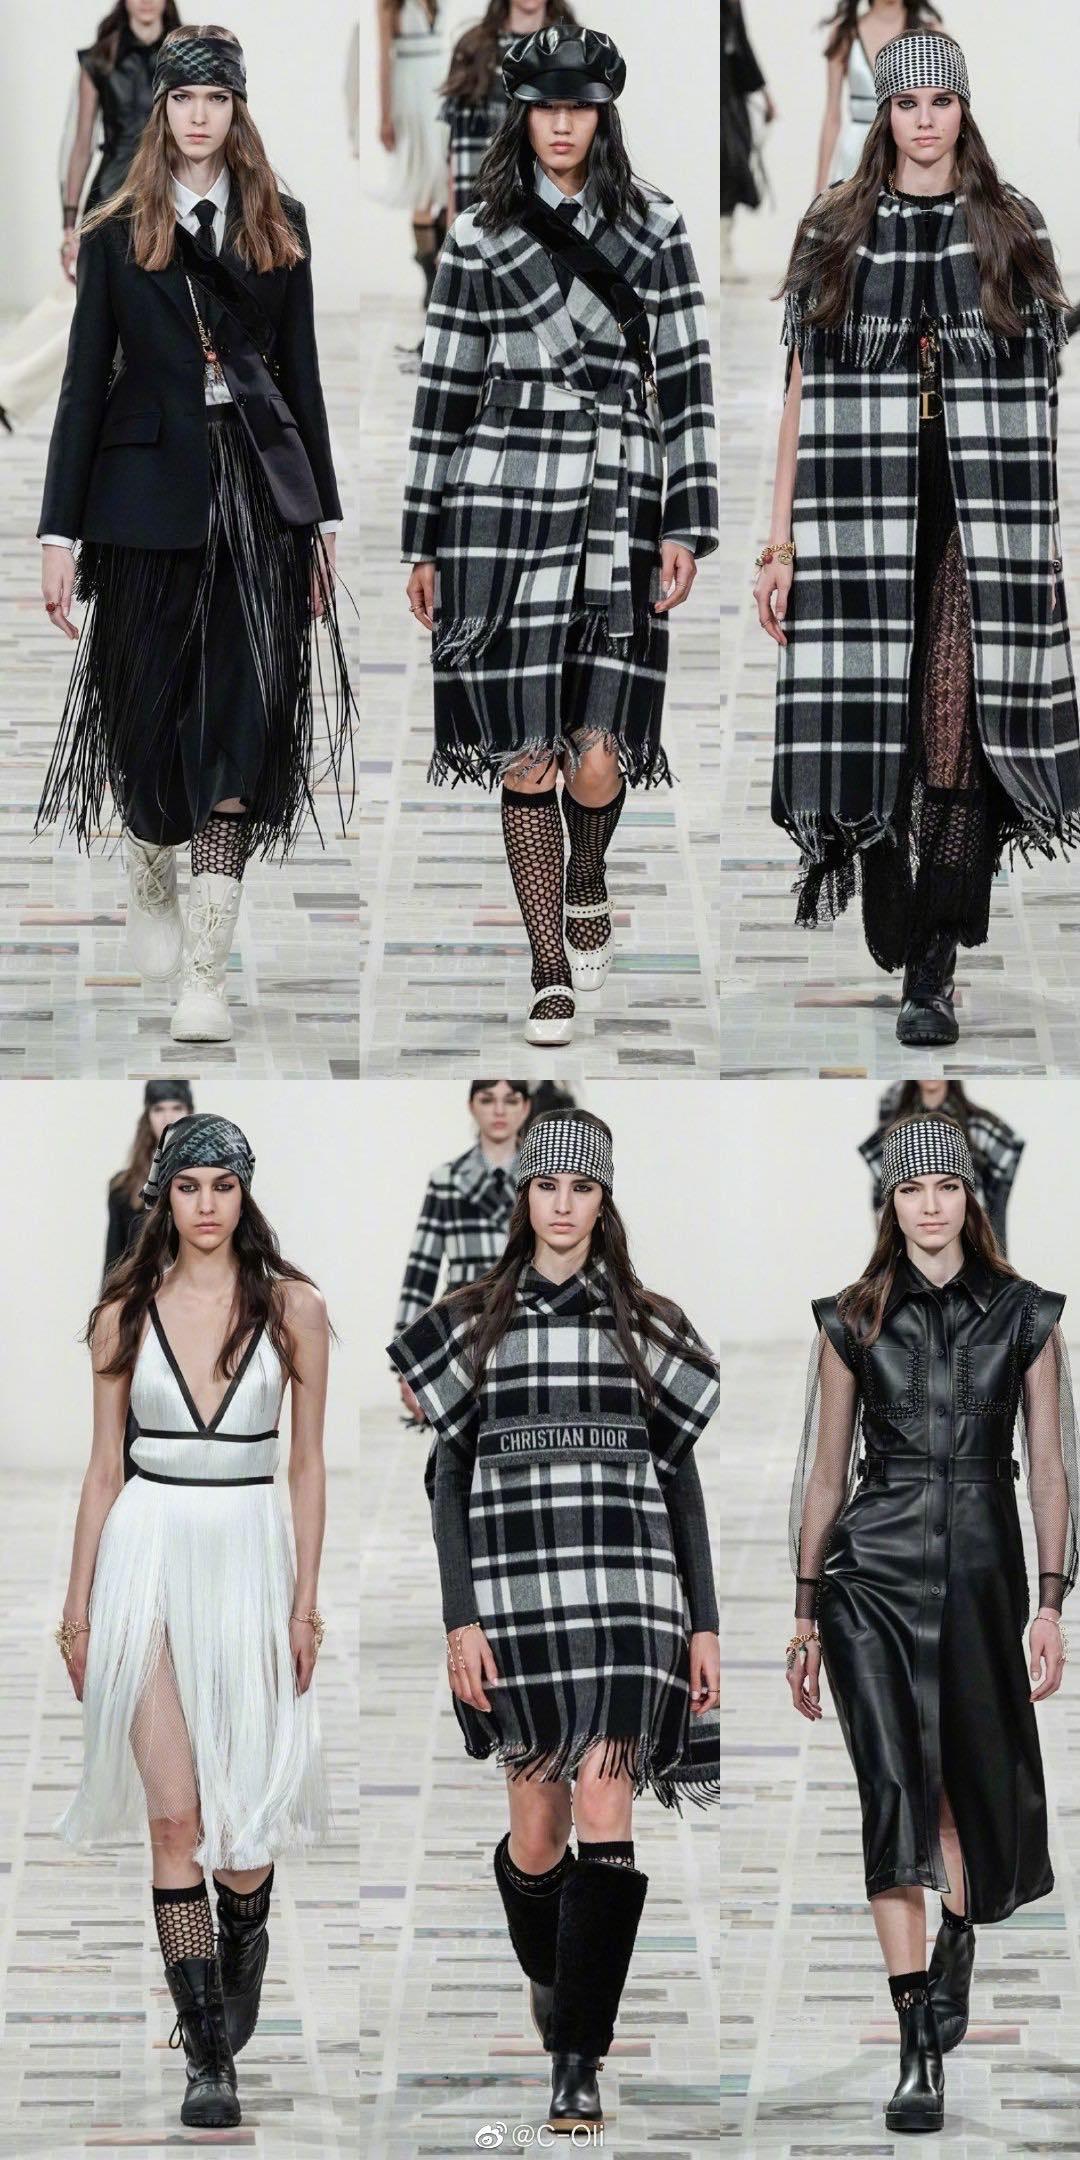 Dior 2020秋冬再展女性魅力!除了地板上暗藏玄機 這些包款也讓人印象超深刻